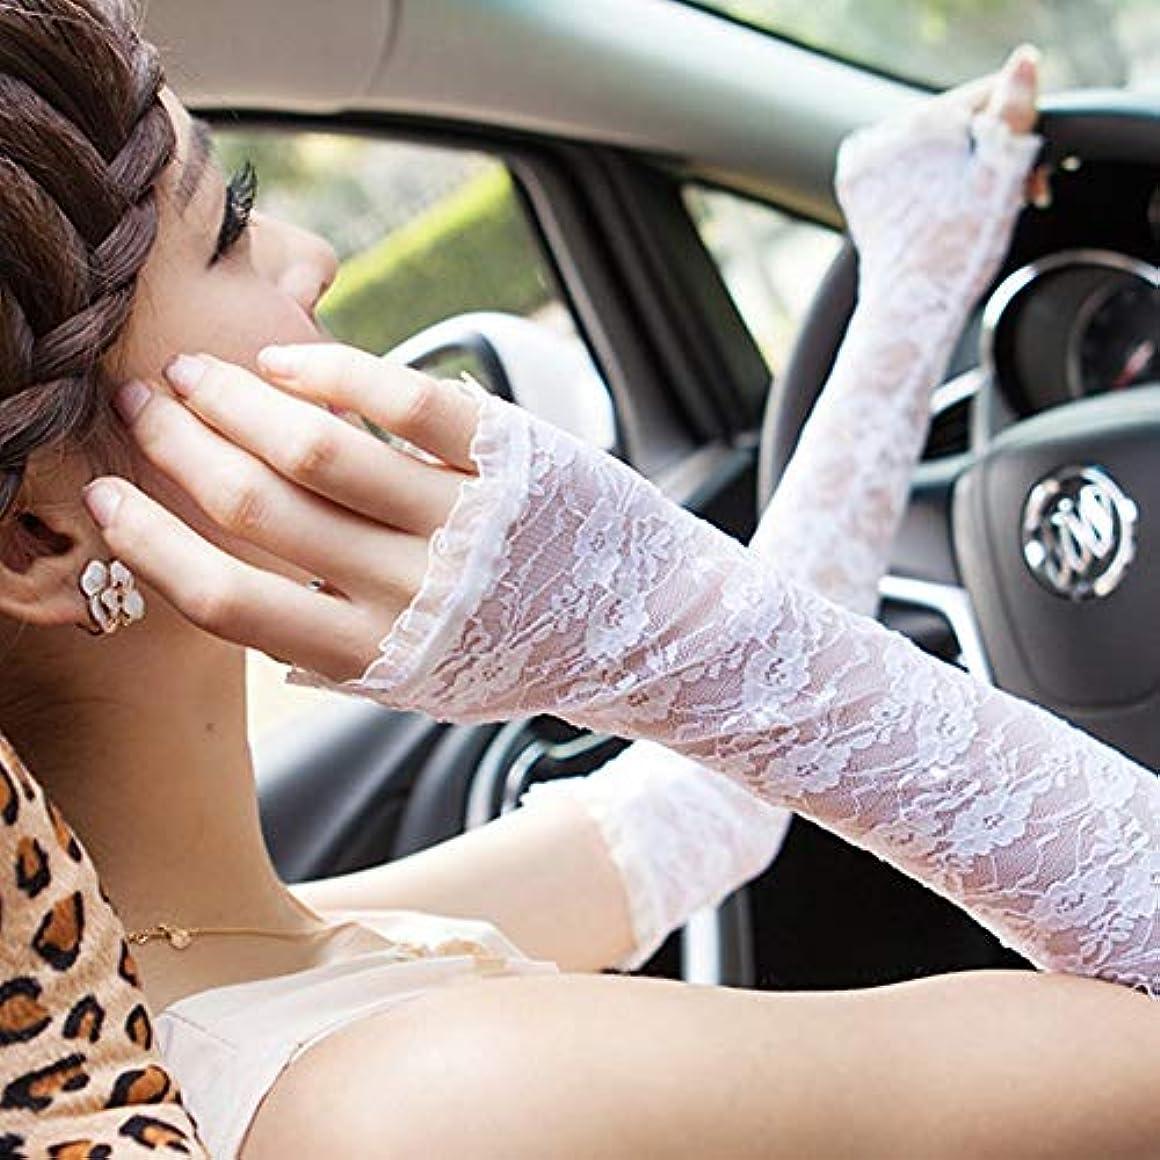 前件影響アカウントグローブレディース 指なし アームカバー 薄手 紫外線対策 ロング レース 夏日焼け止め手袋フ